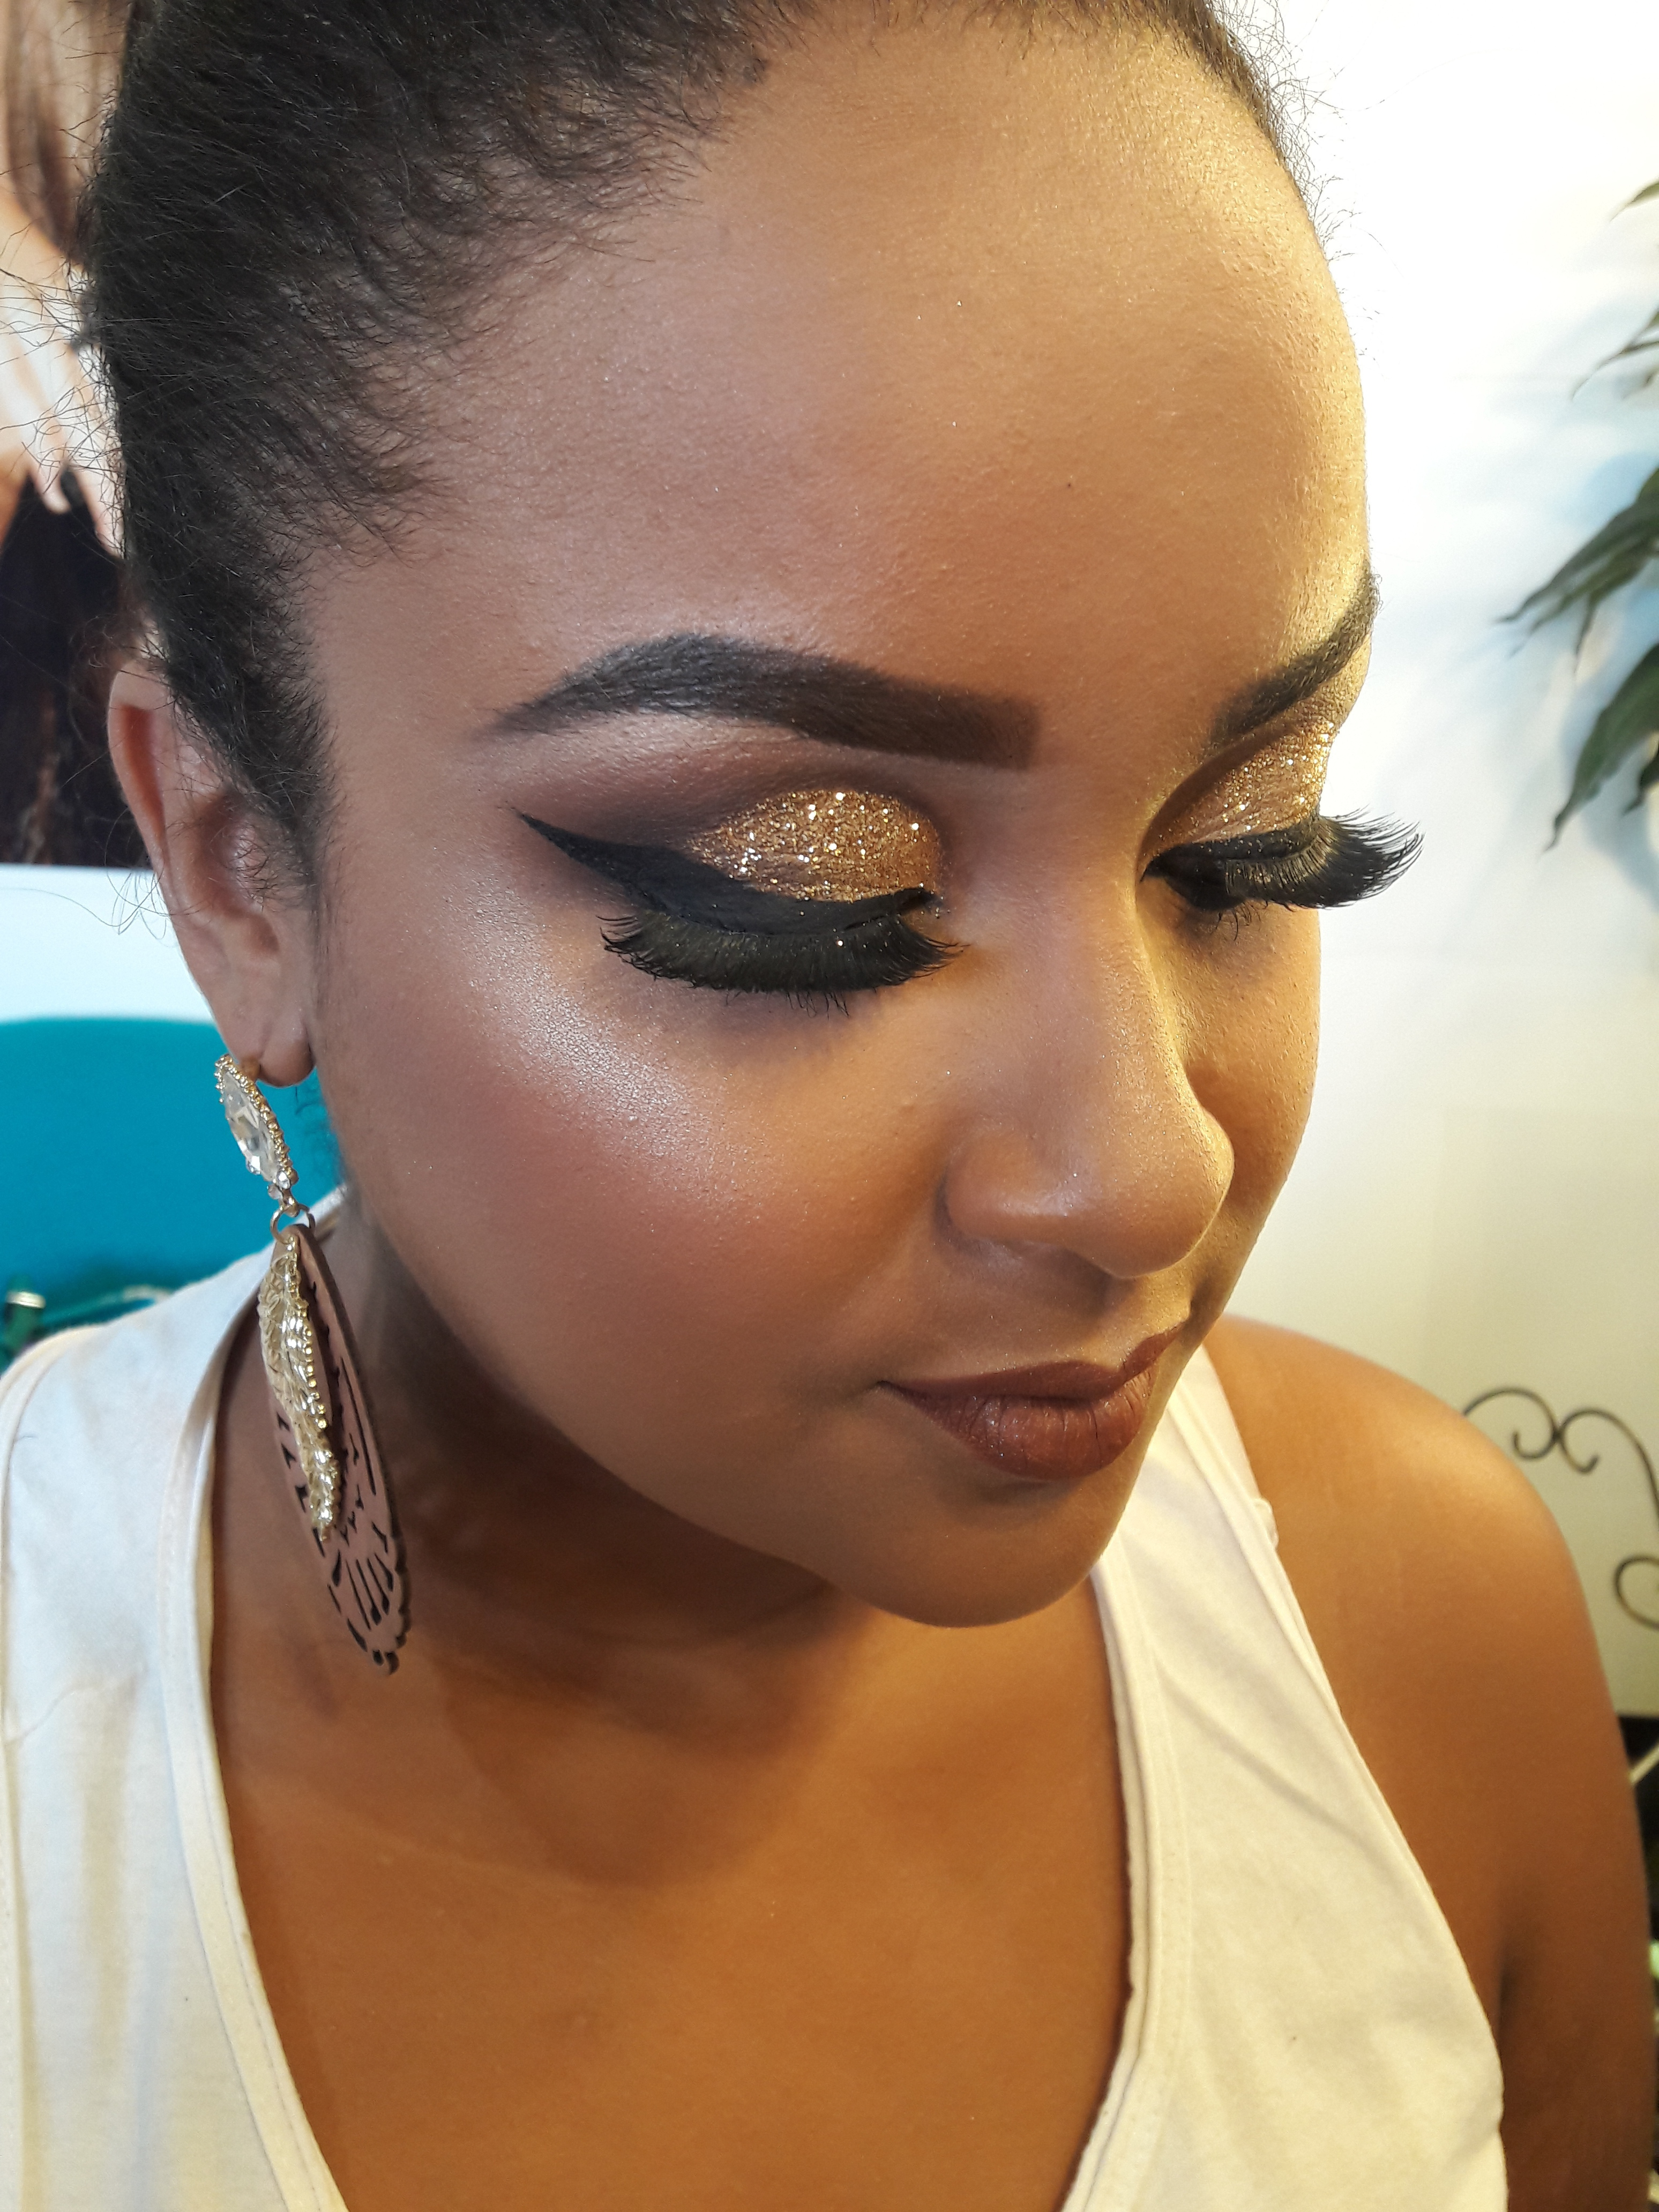 Maquiagem Cut Crease maquiagem maquiador(a) cabeleireiro(a)